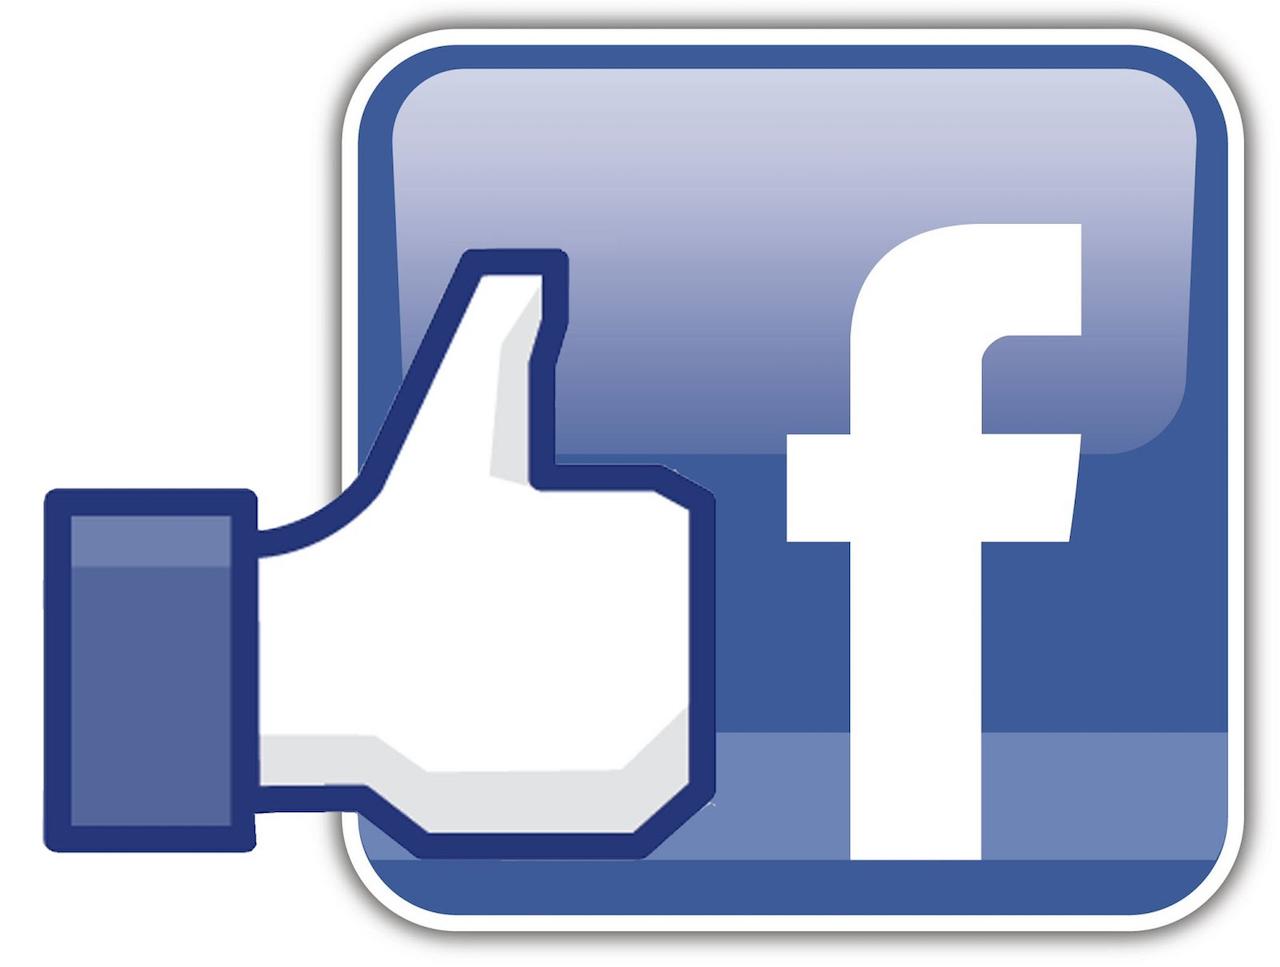 Groupes Facebook + bagnoles = Comment tomber plus bas ?! 37